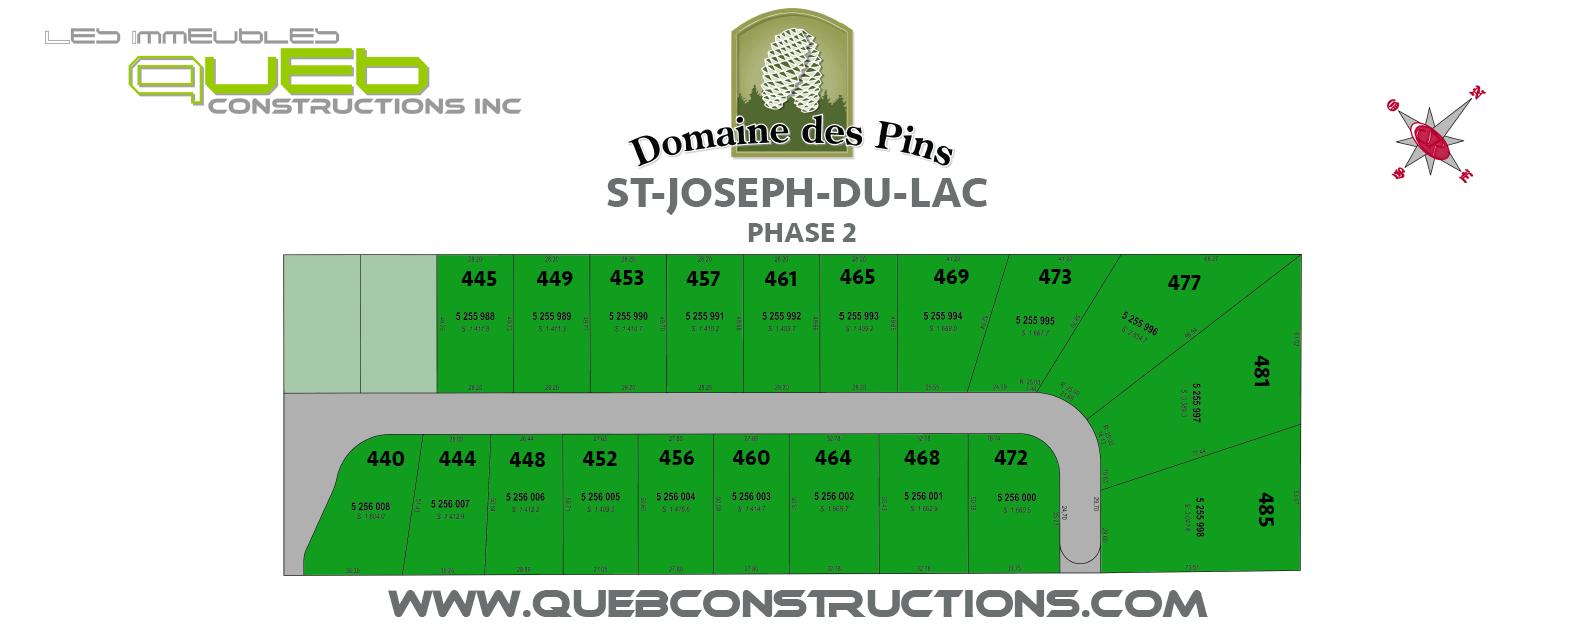 Phase 2 St-Joseph-du-Lac